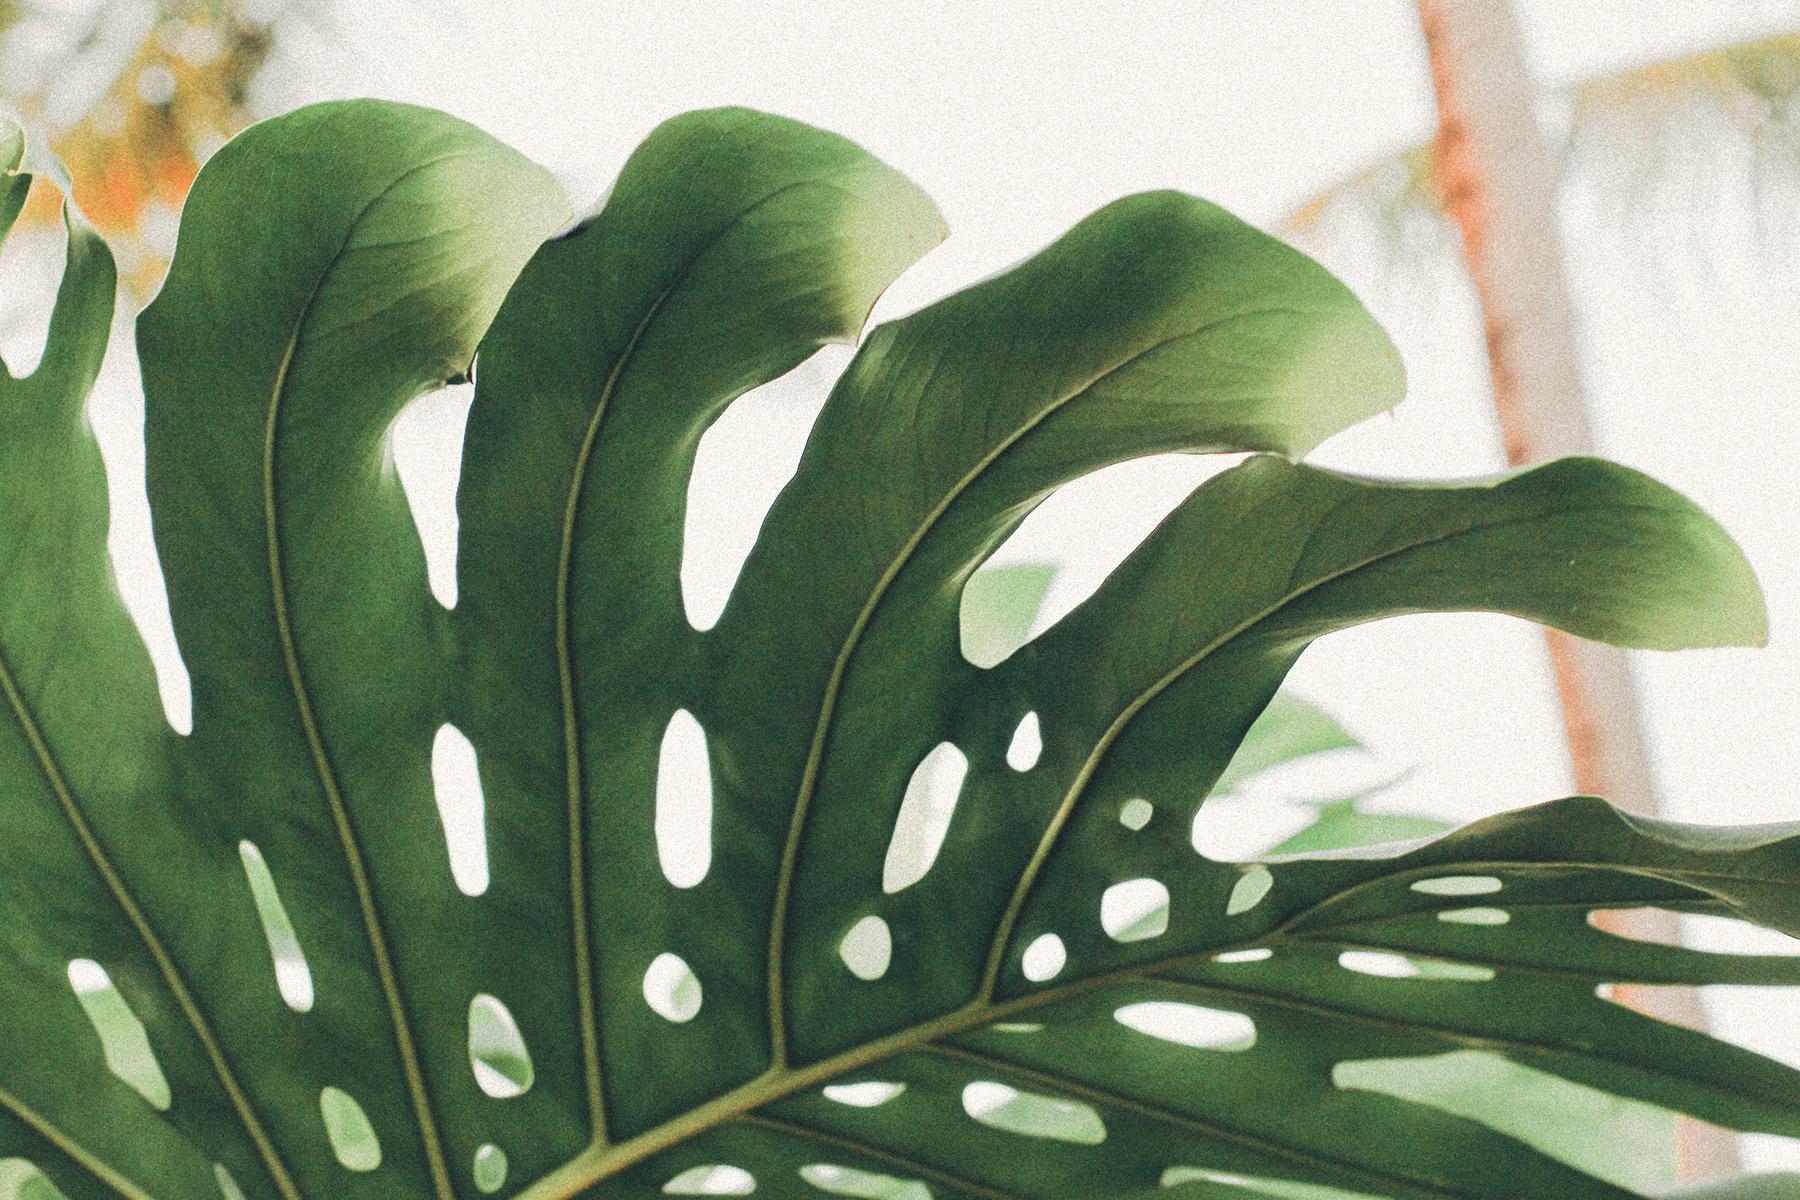 Food, Jungle – ©Unsplash